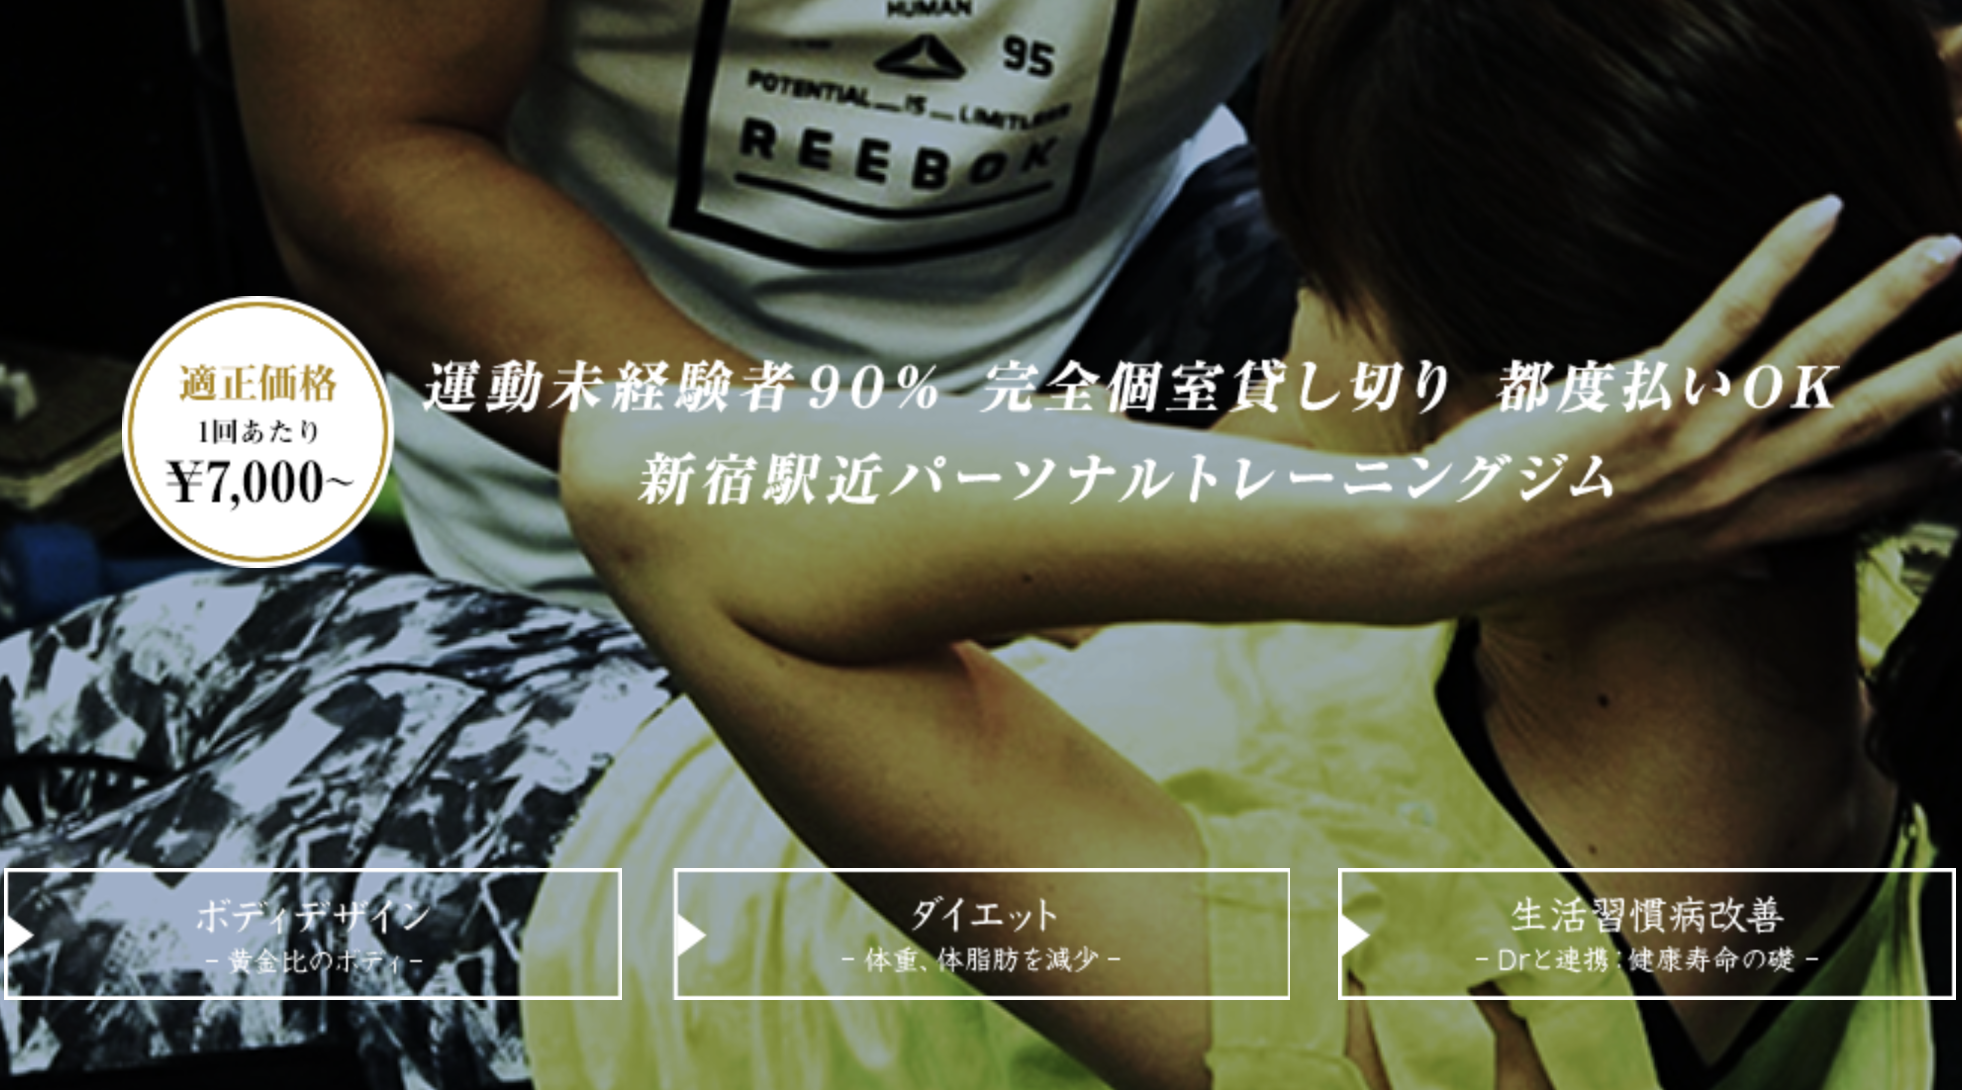 YOSHIDAGYMのアイキャッチ